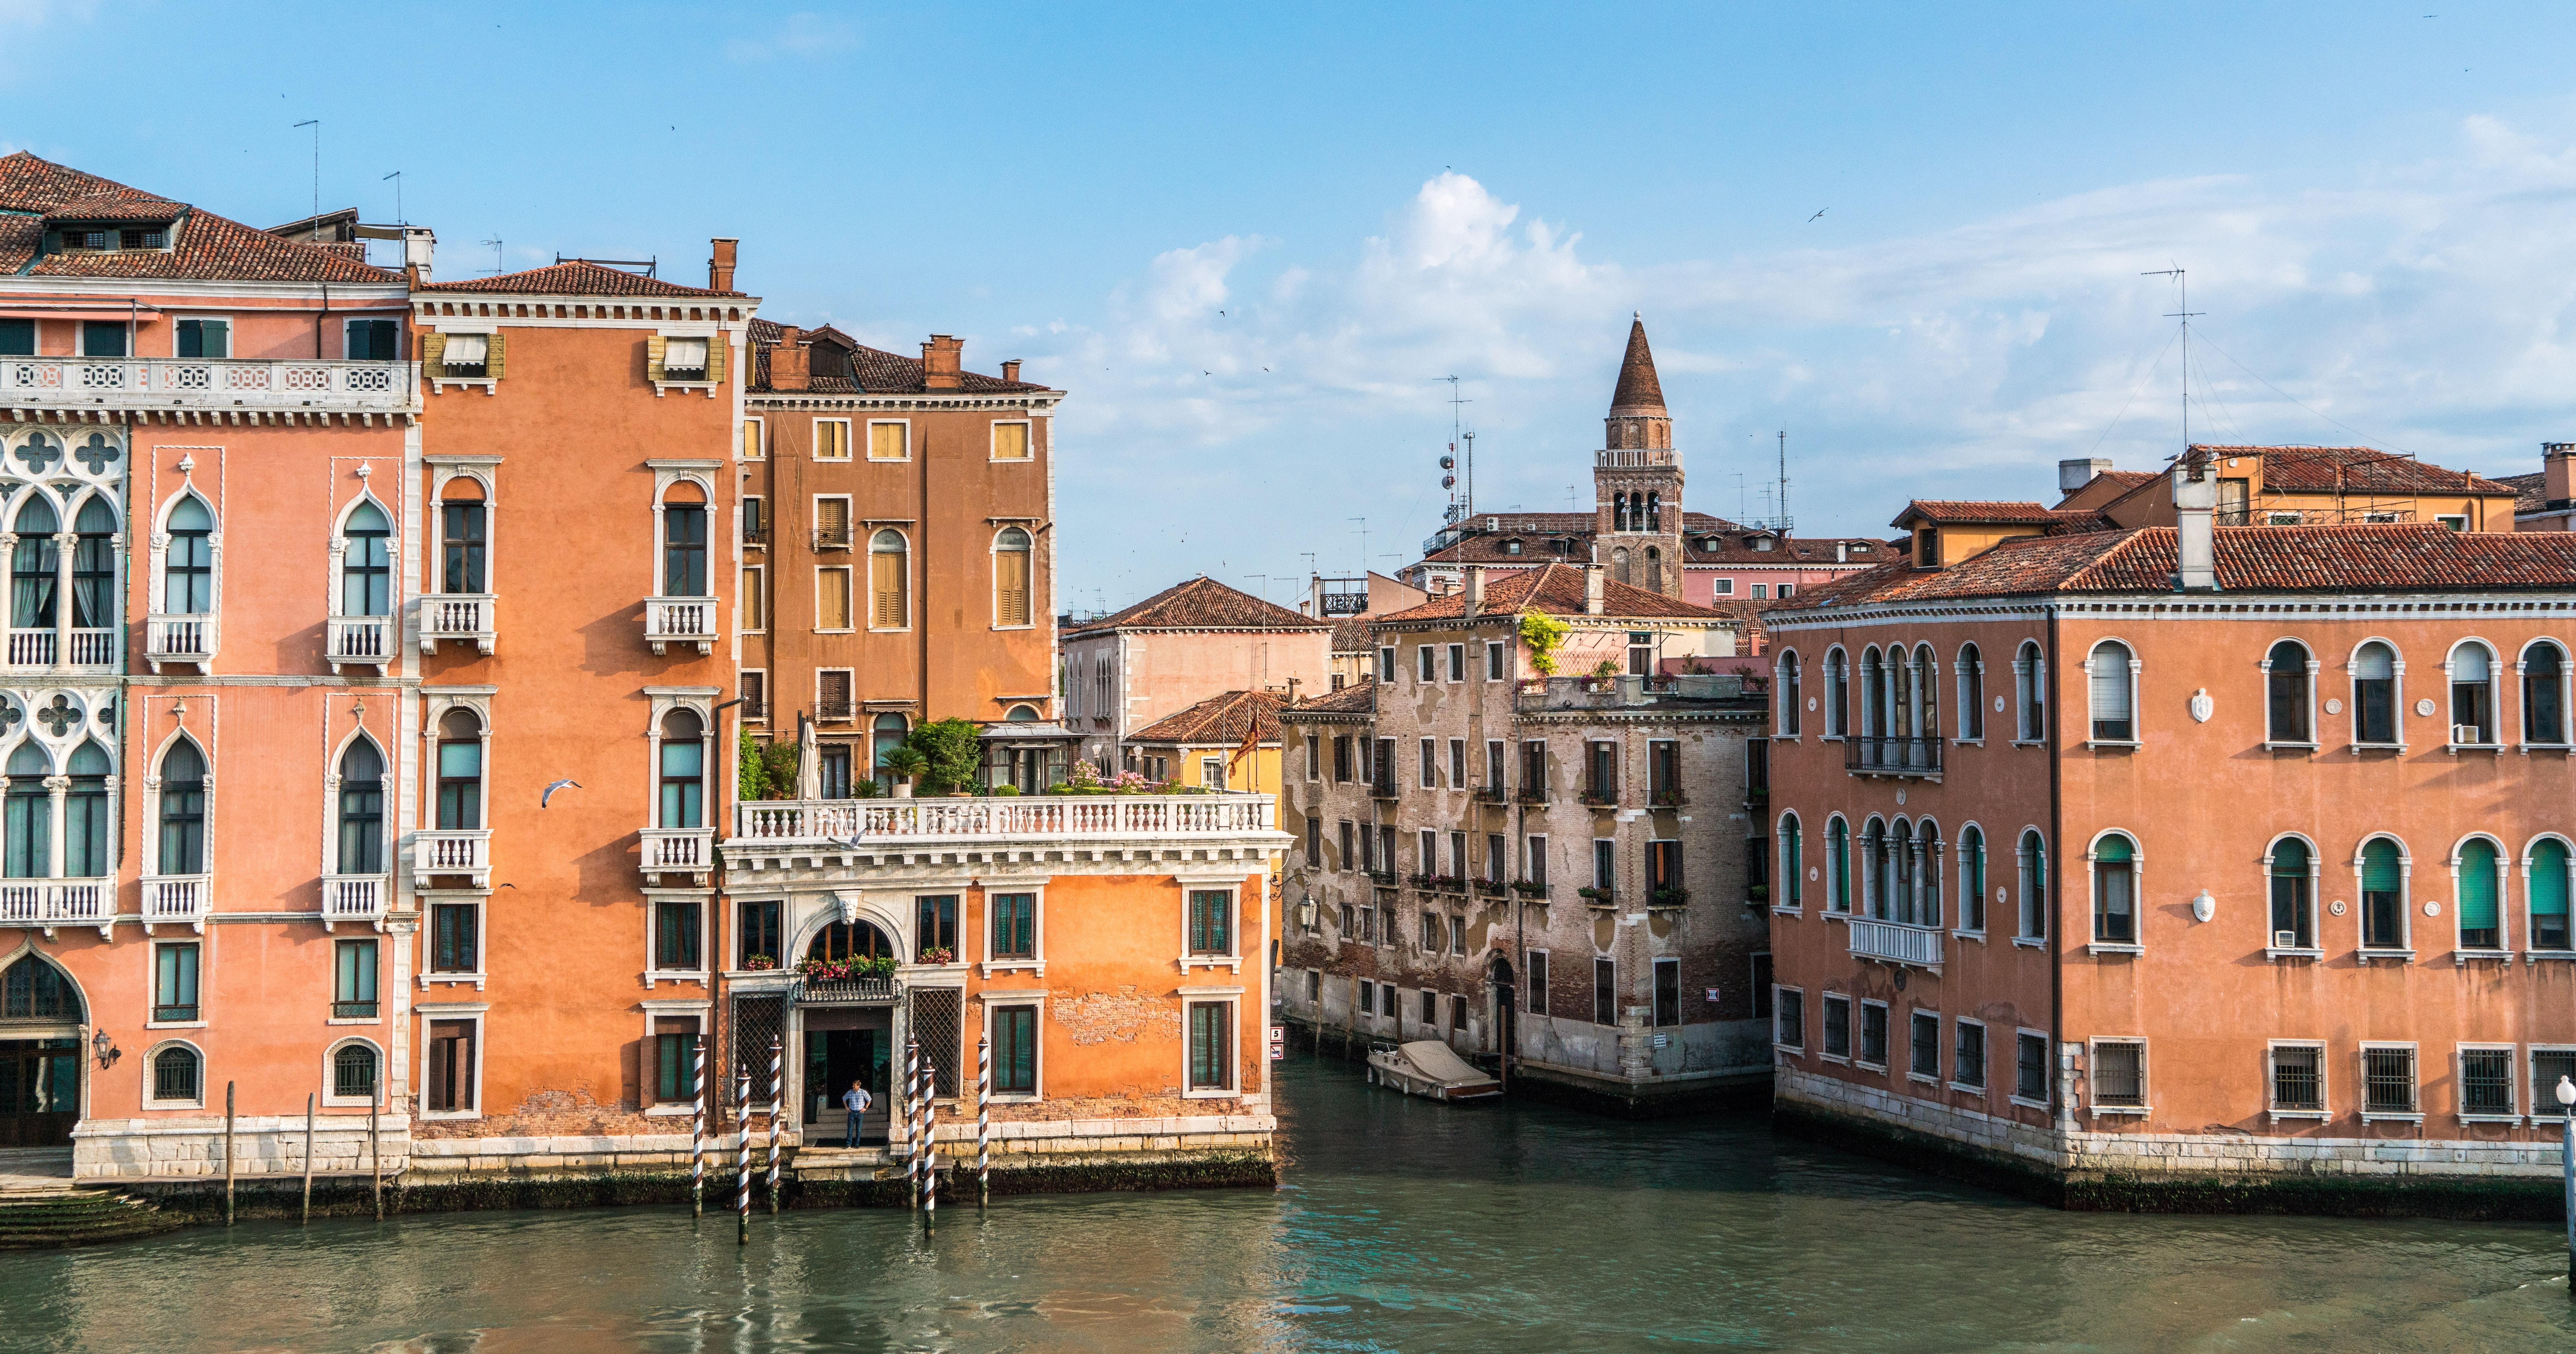 Cityscape, Architecture, Outdoors, Venice, Venezia, HQ Photo